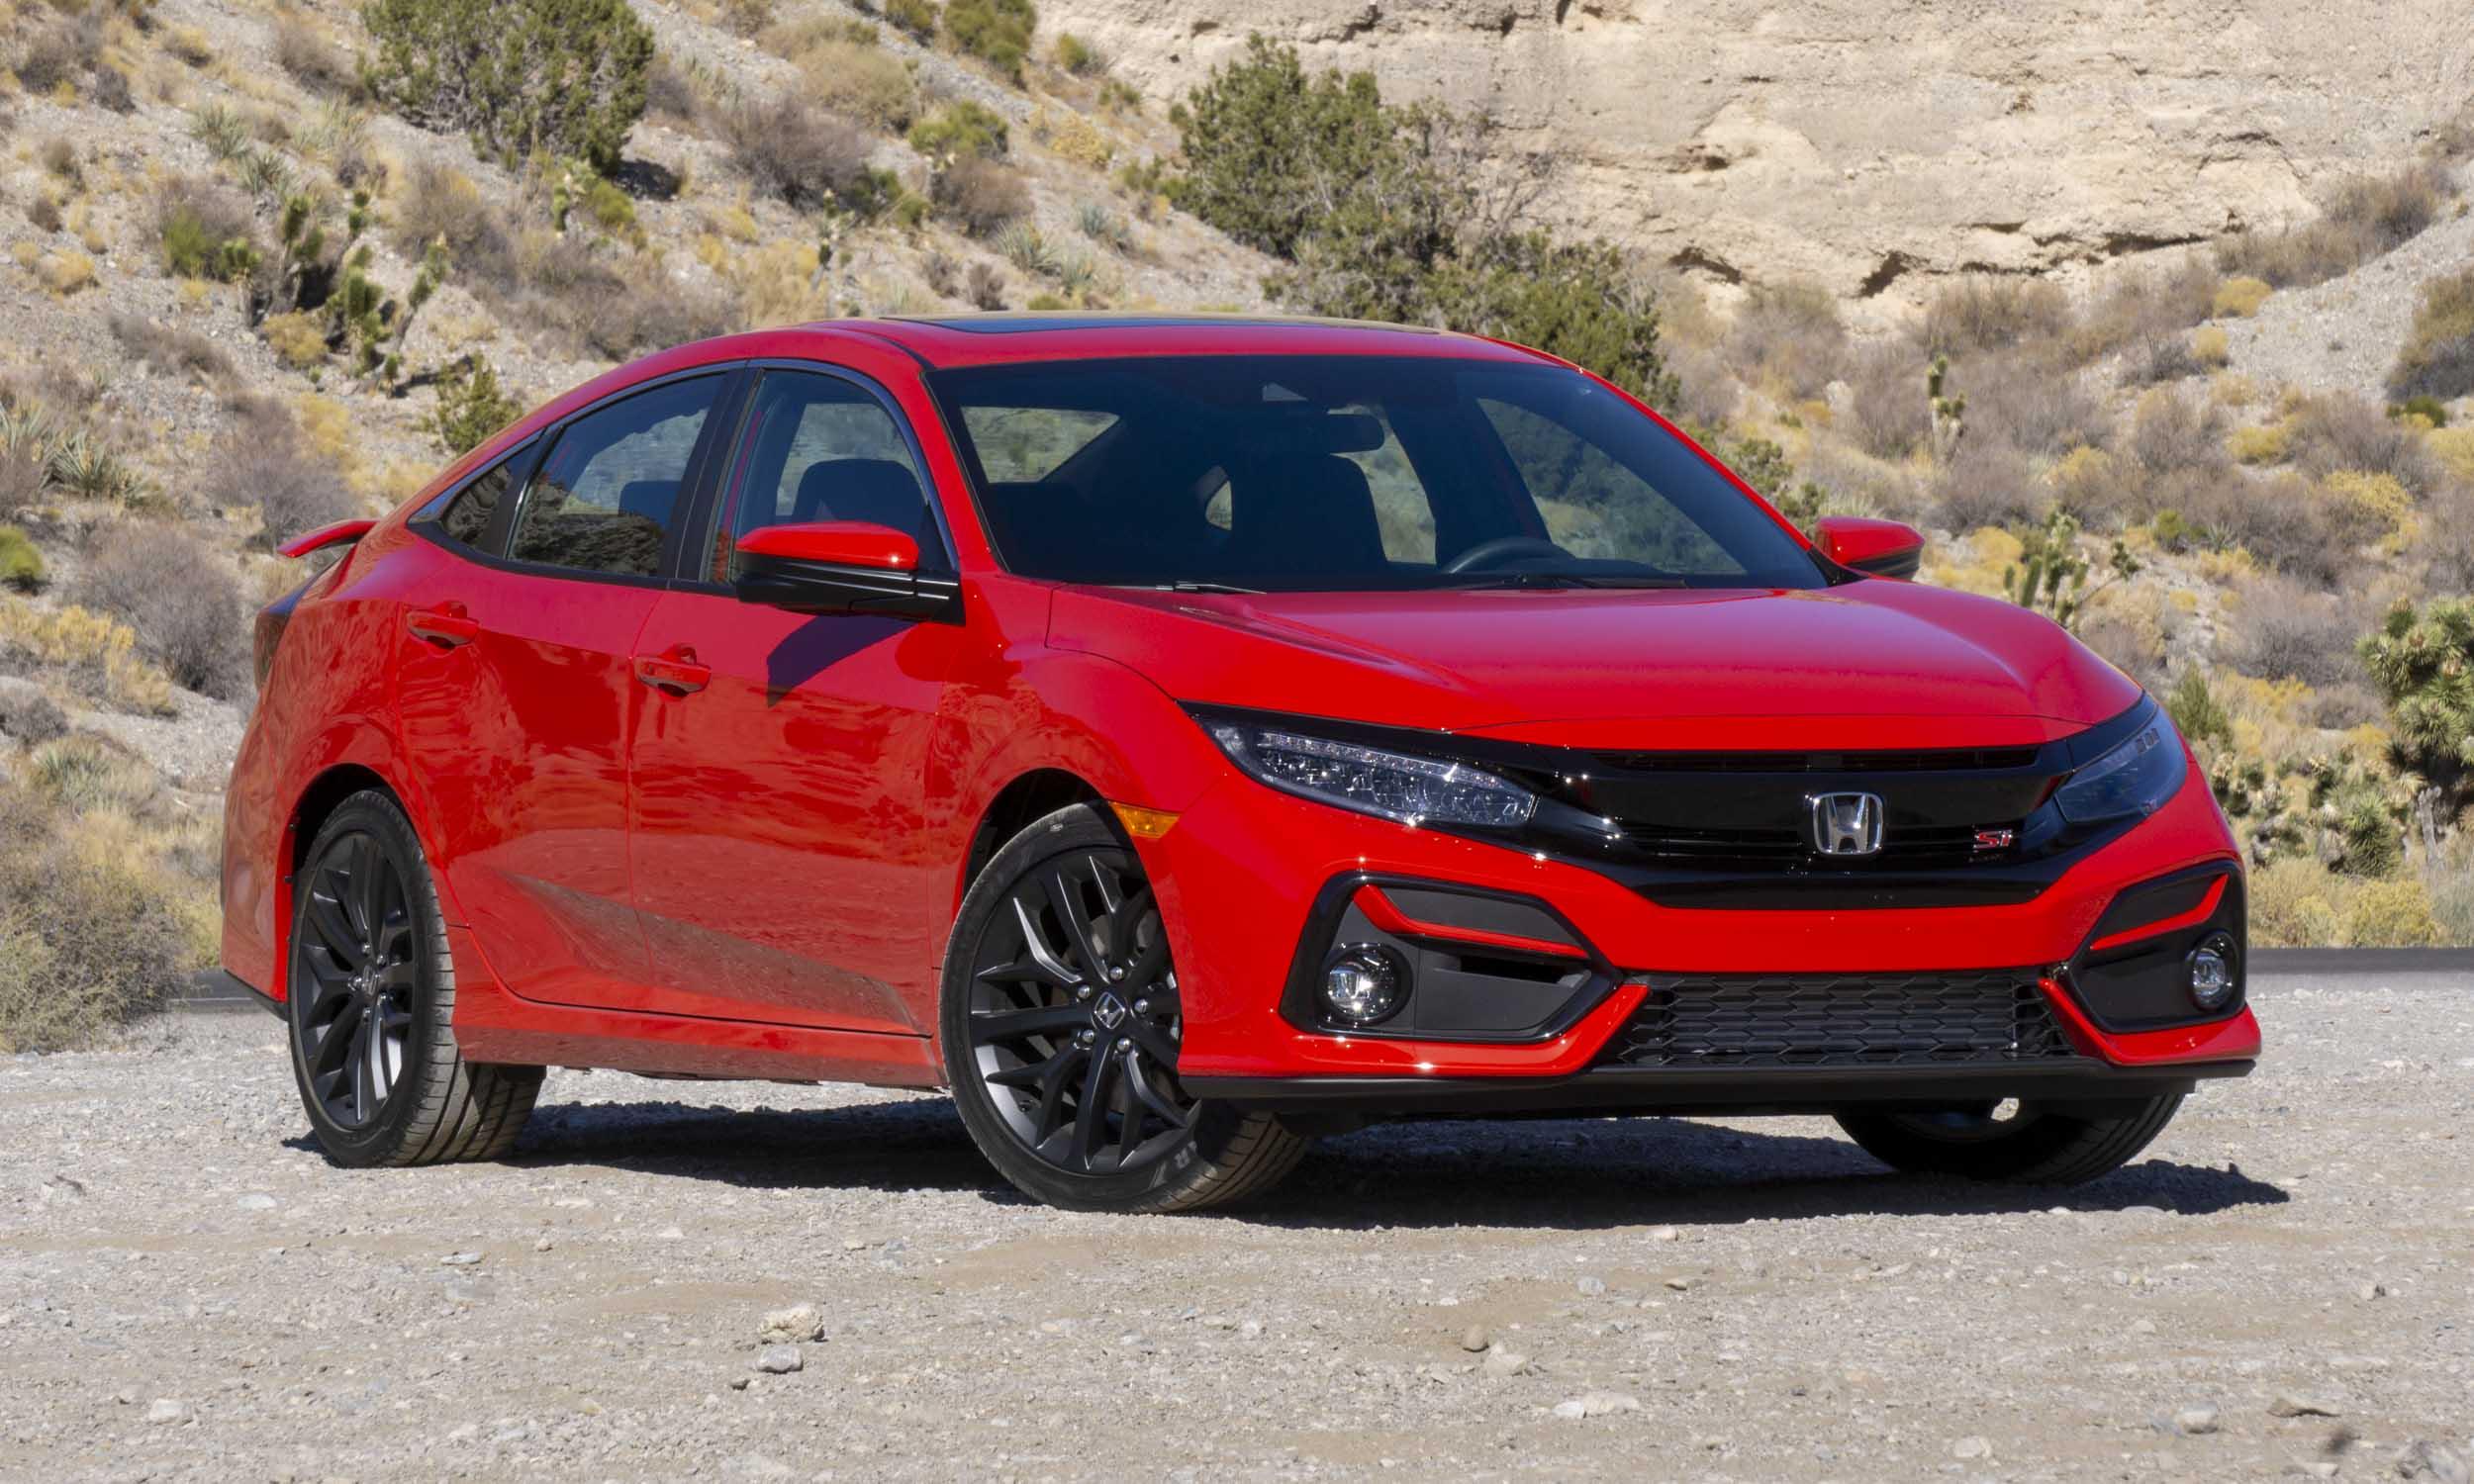 Kekurangan Harga Honda Civic 2018 Review